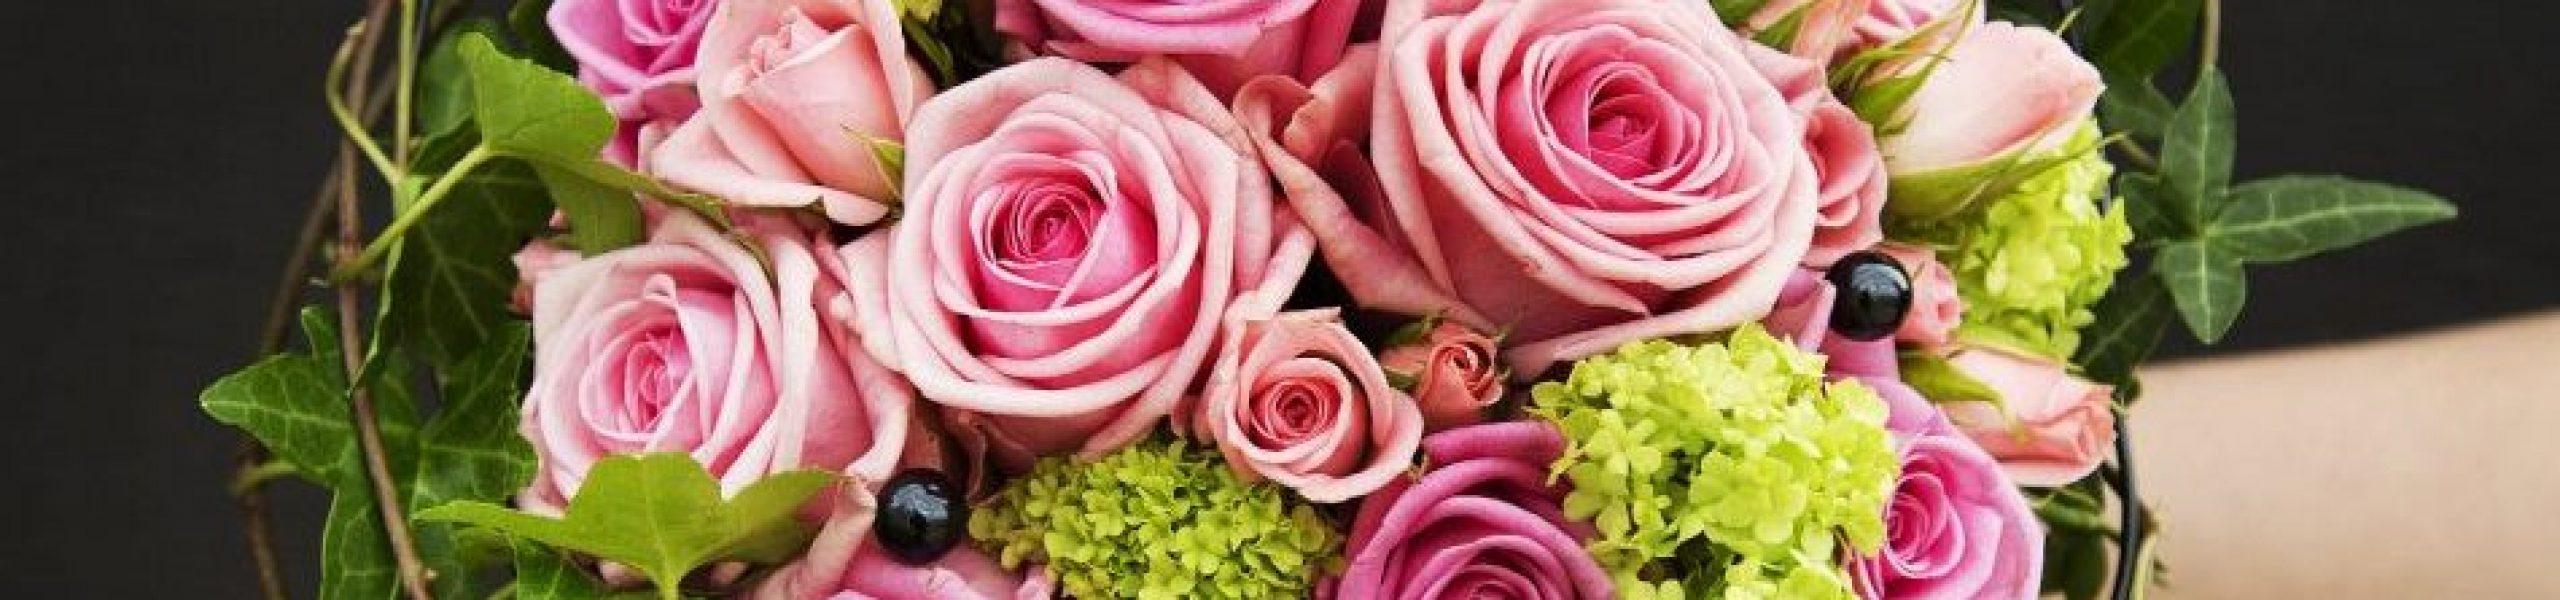 Brudbukett-Rosa-e1517130649136